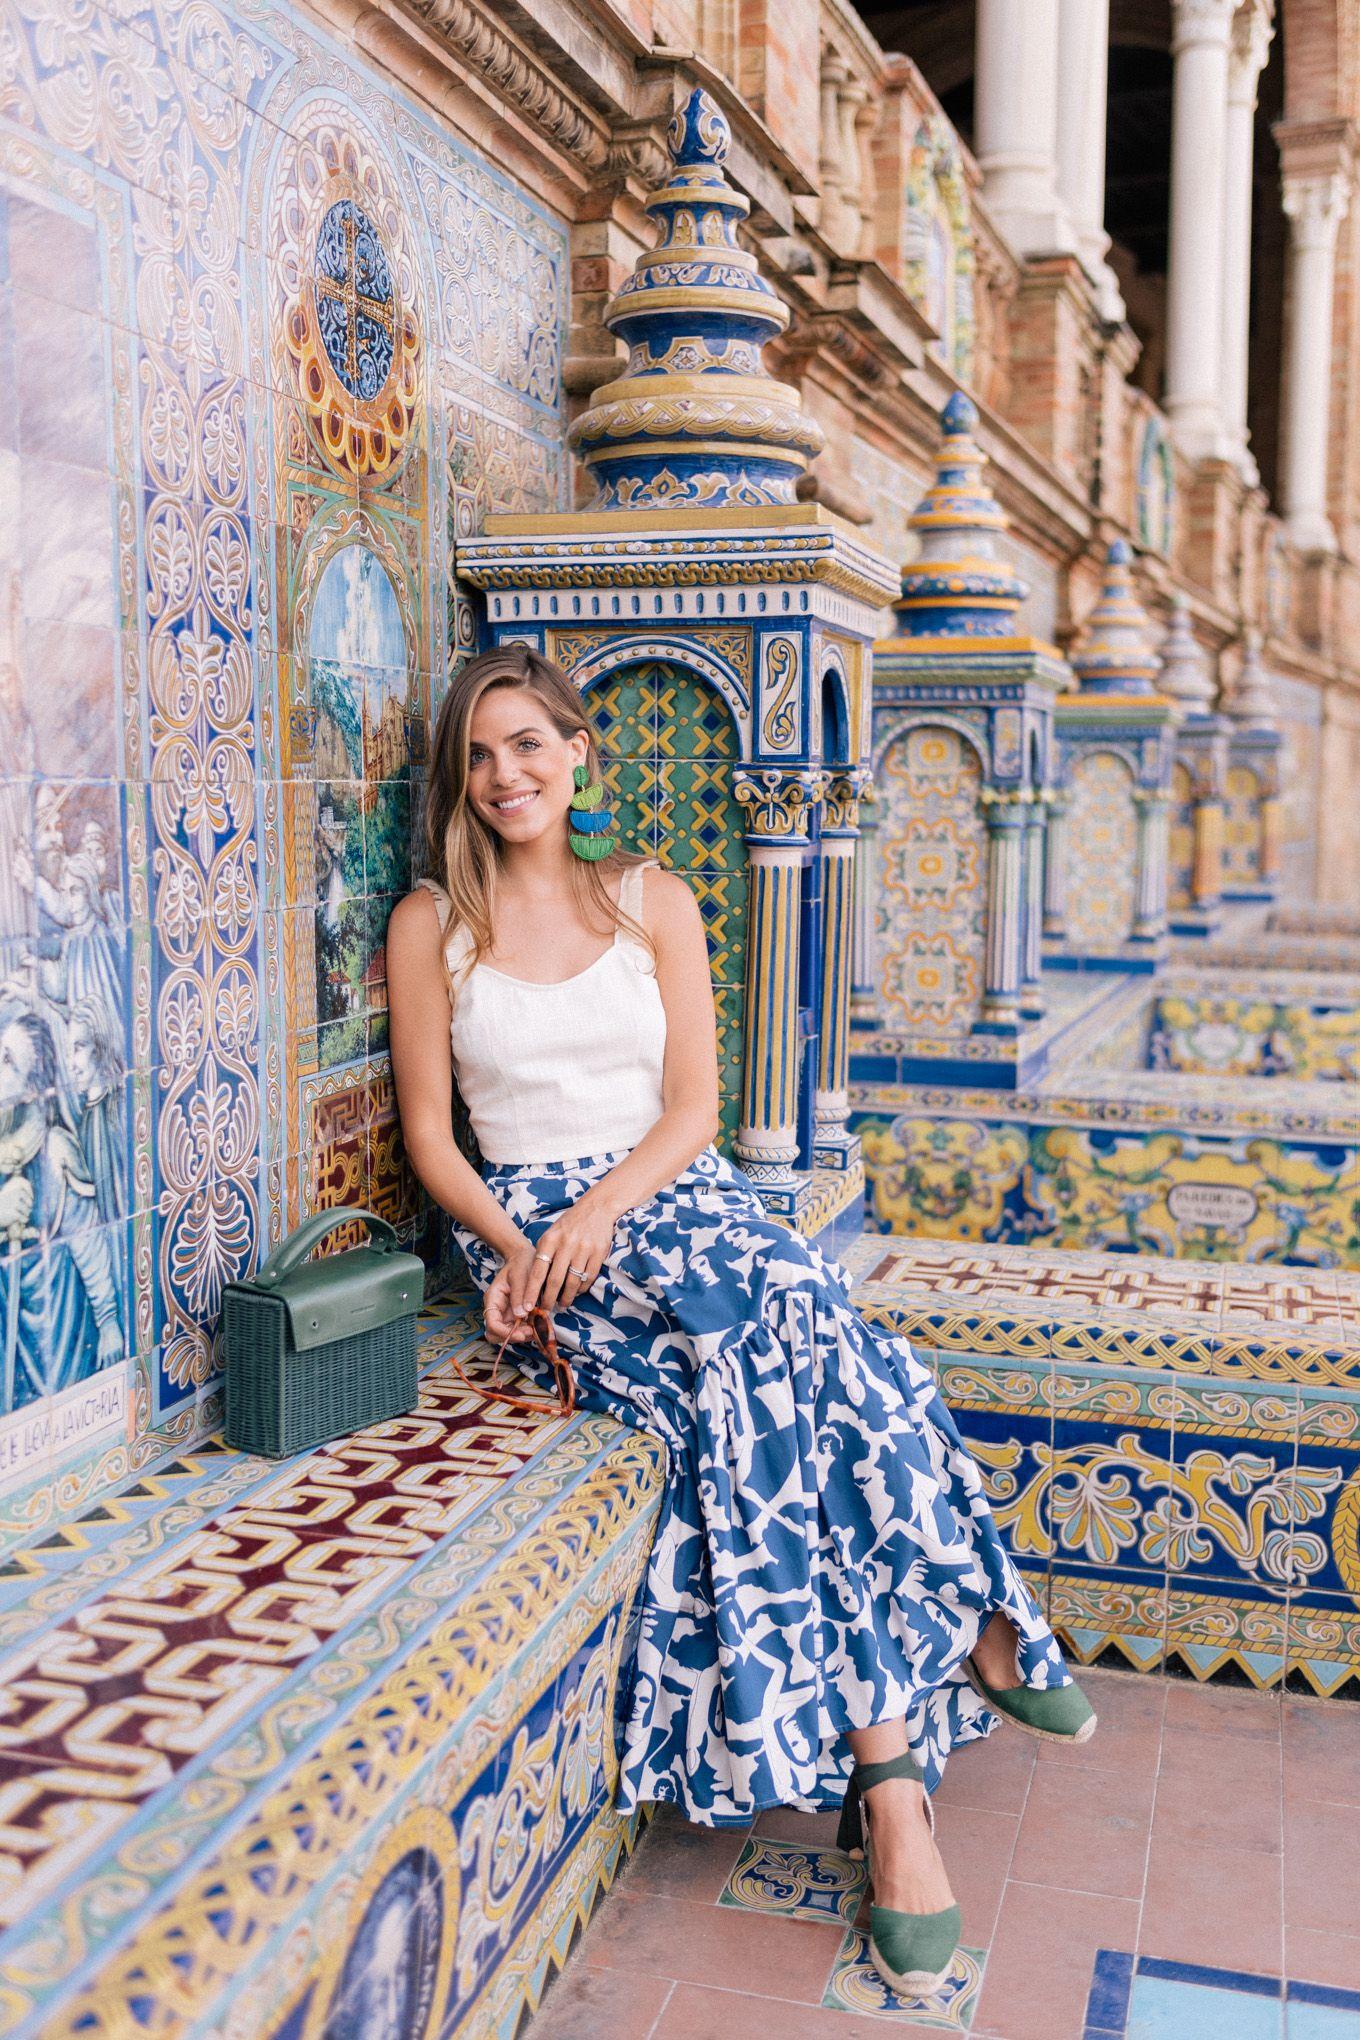 Seville Fashion: Golden Morning Glow At Plaza De España, Seville